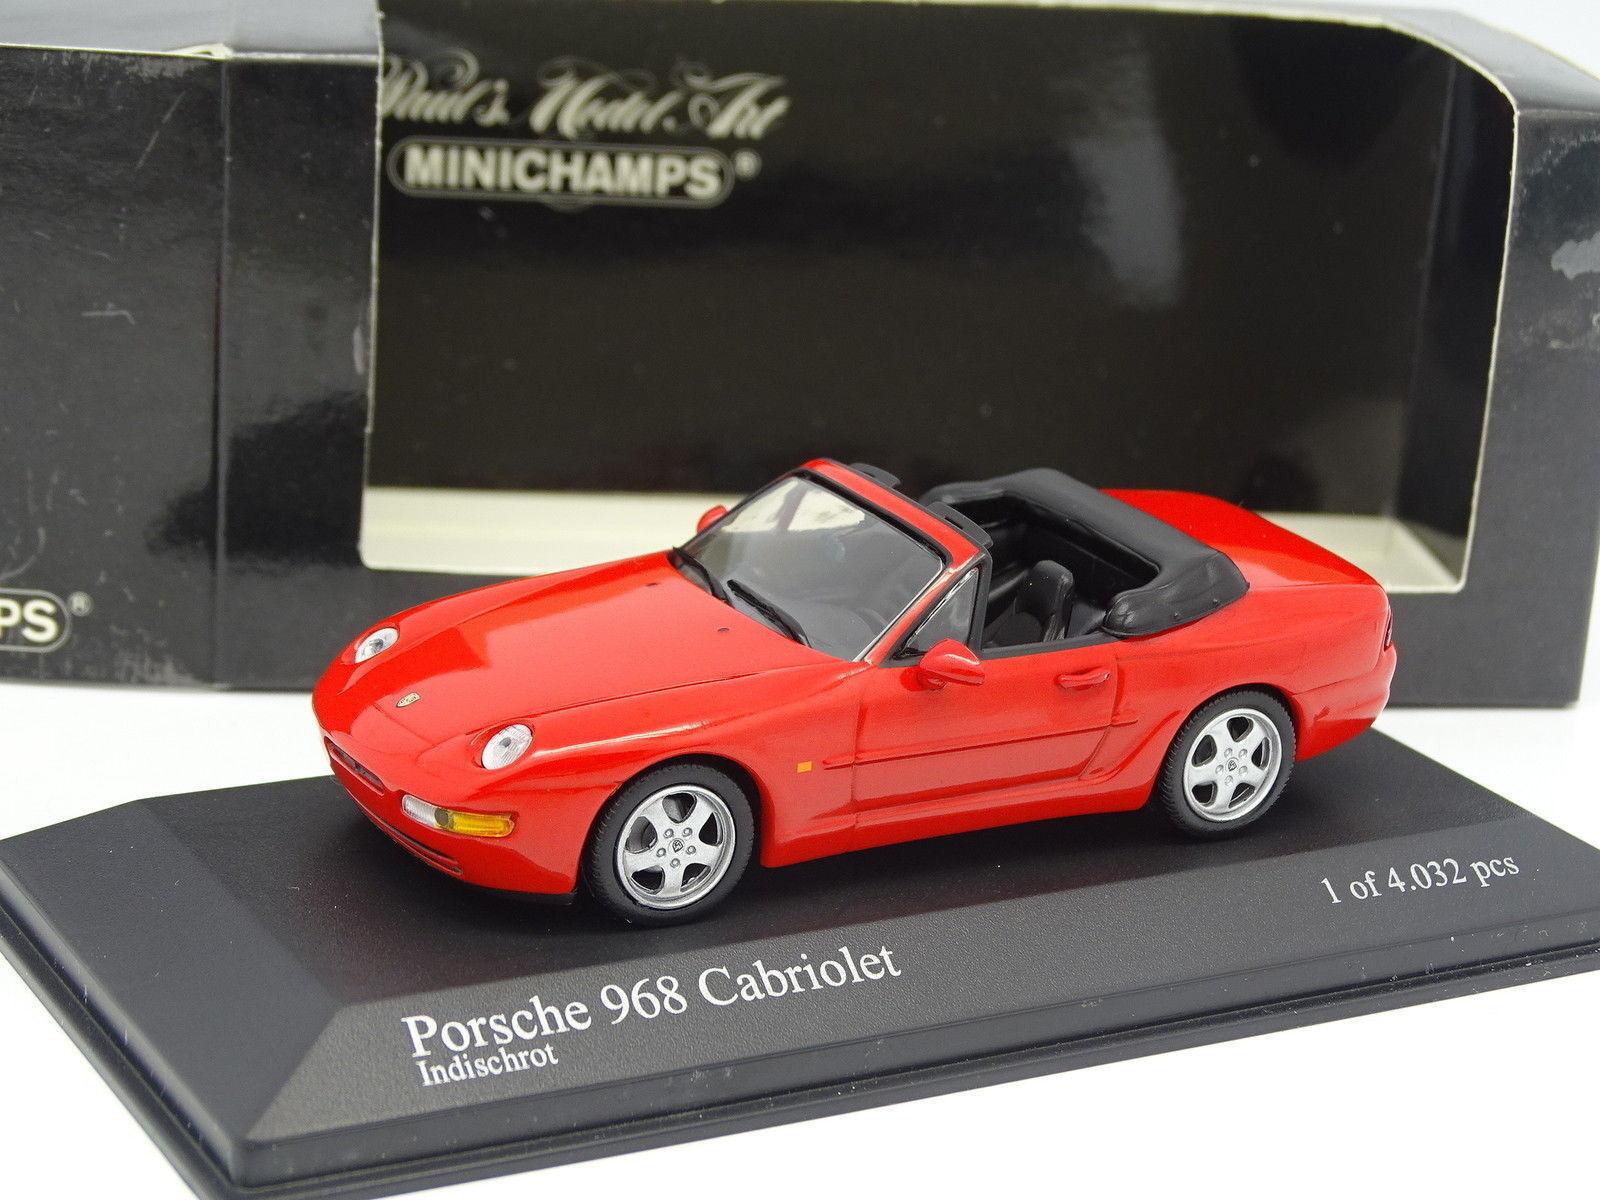 Minichamps 1 43 - Porsche 968 Cabriolet Rouge